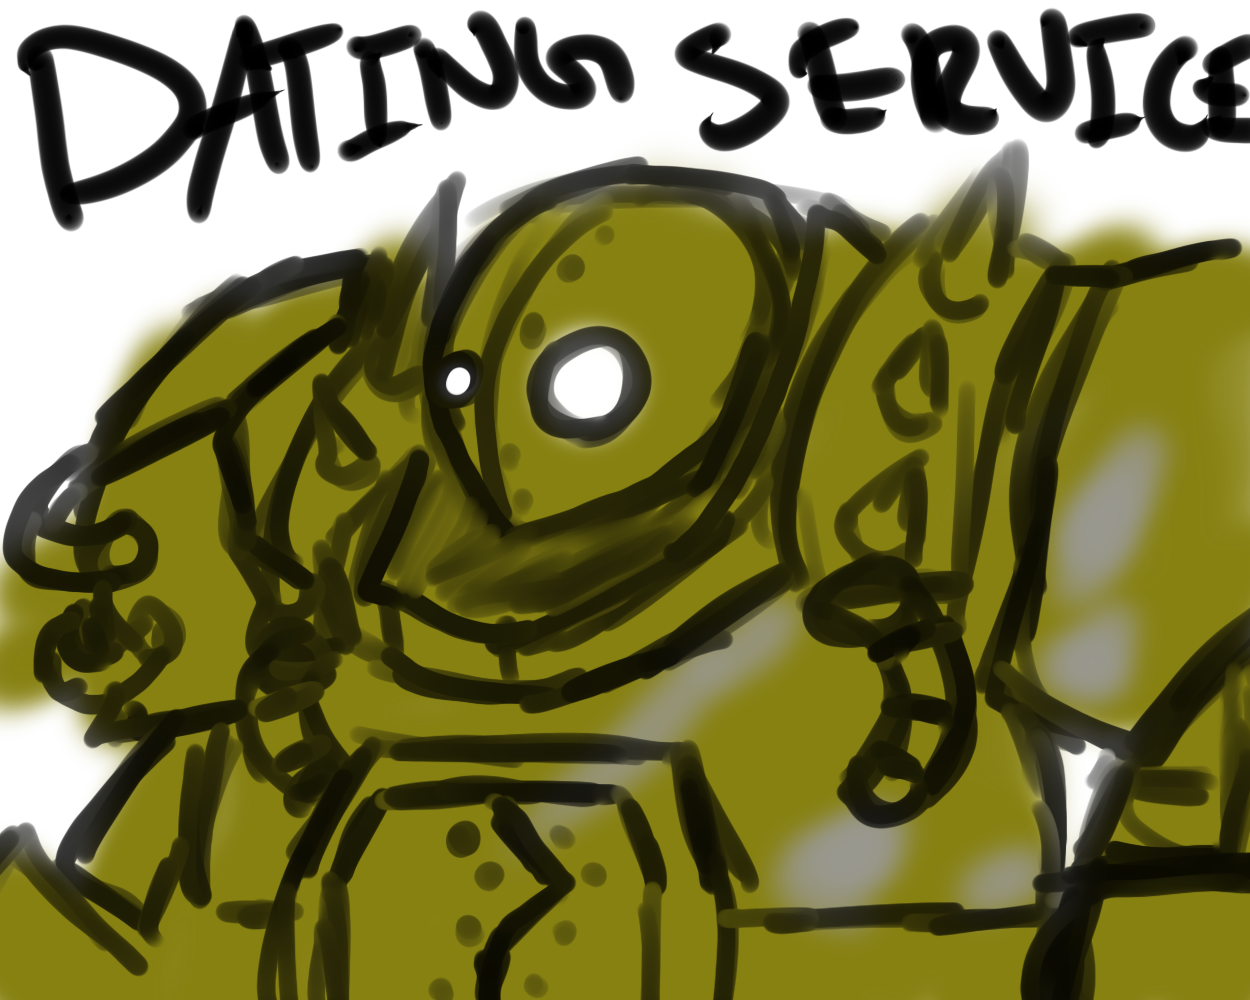 Blitzcrank dating service